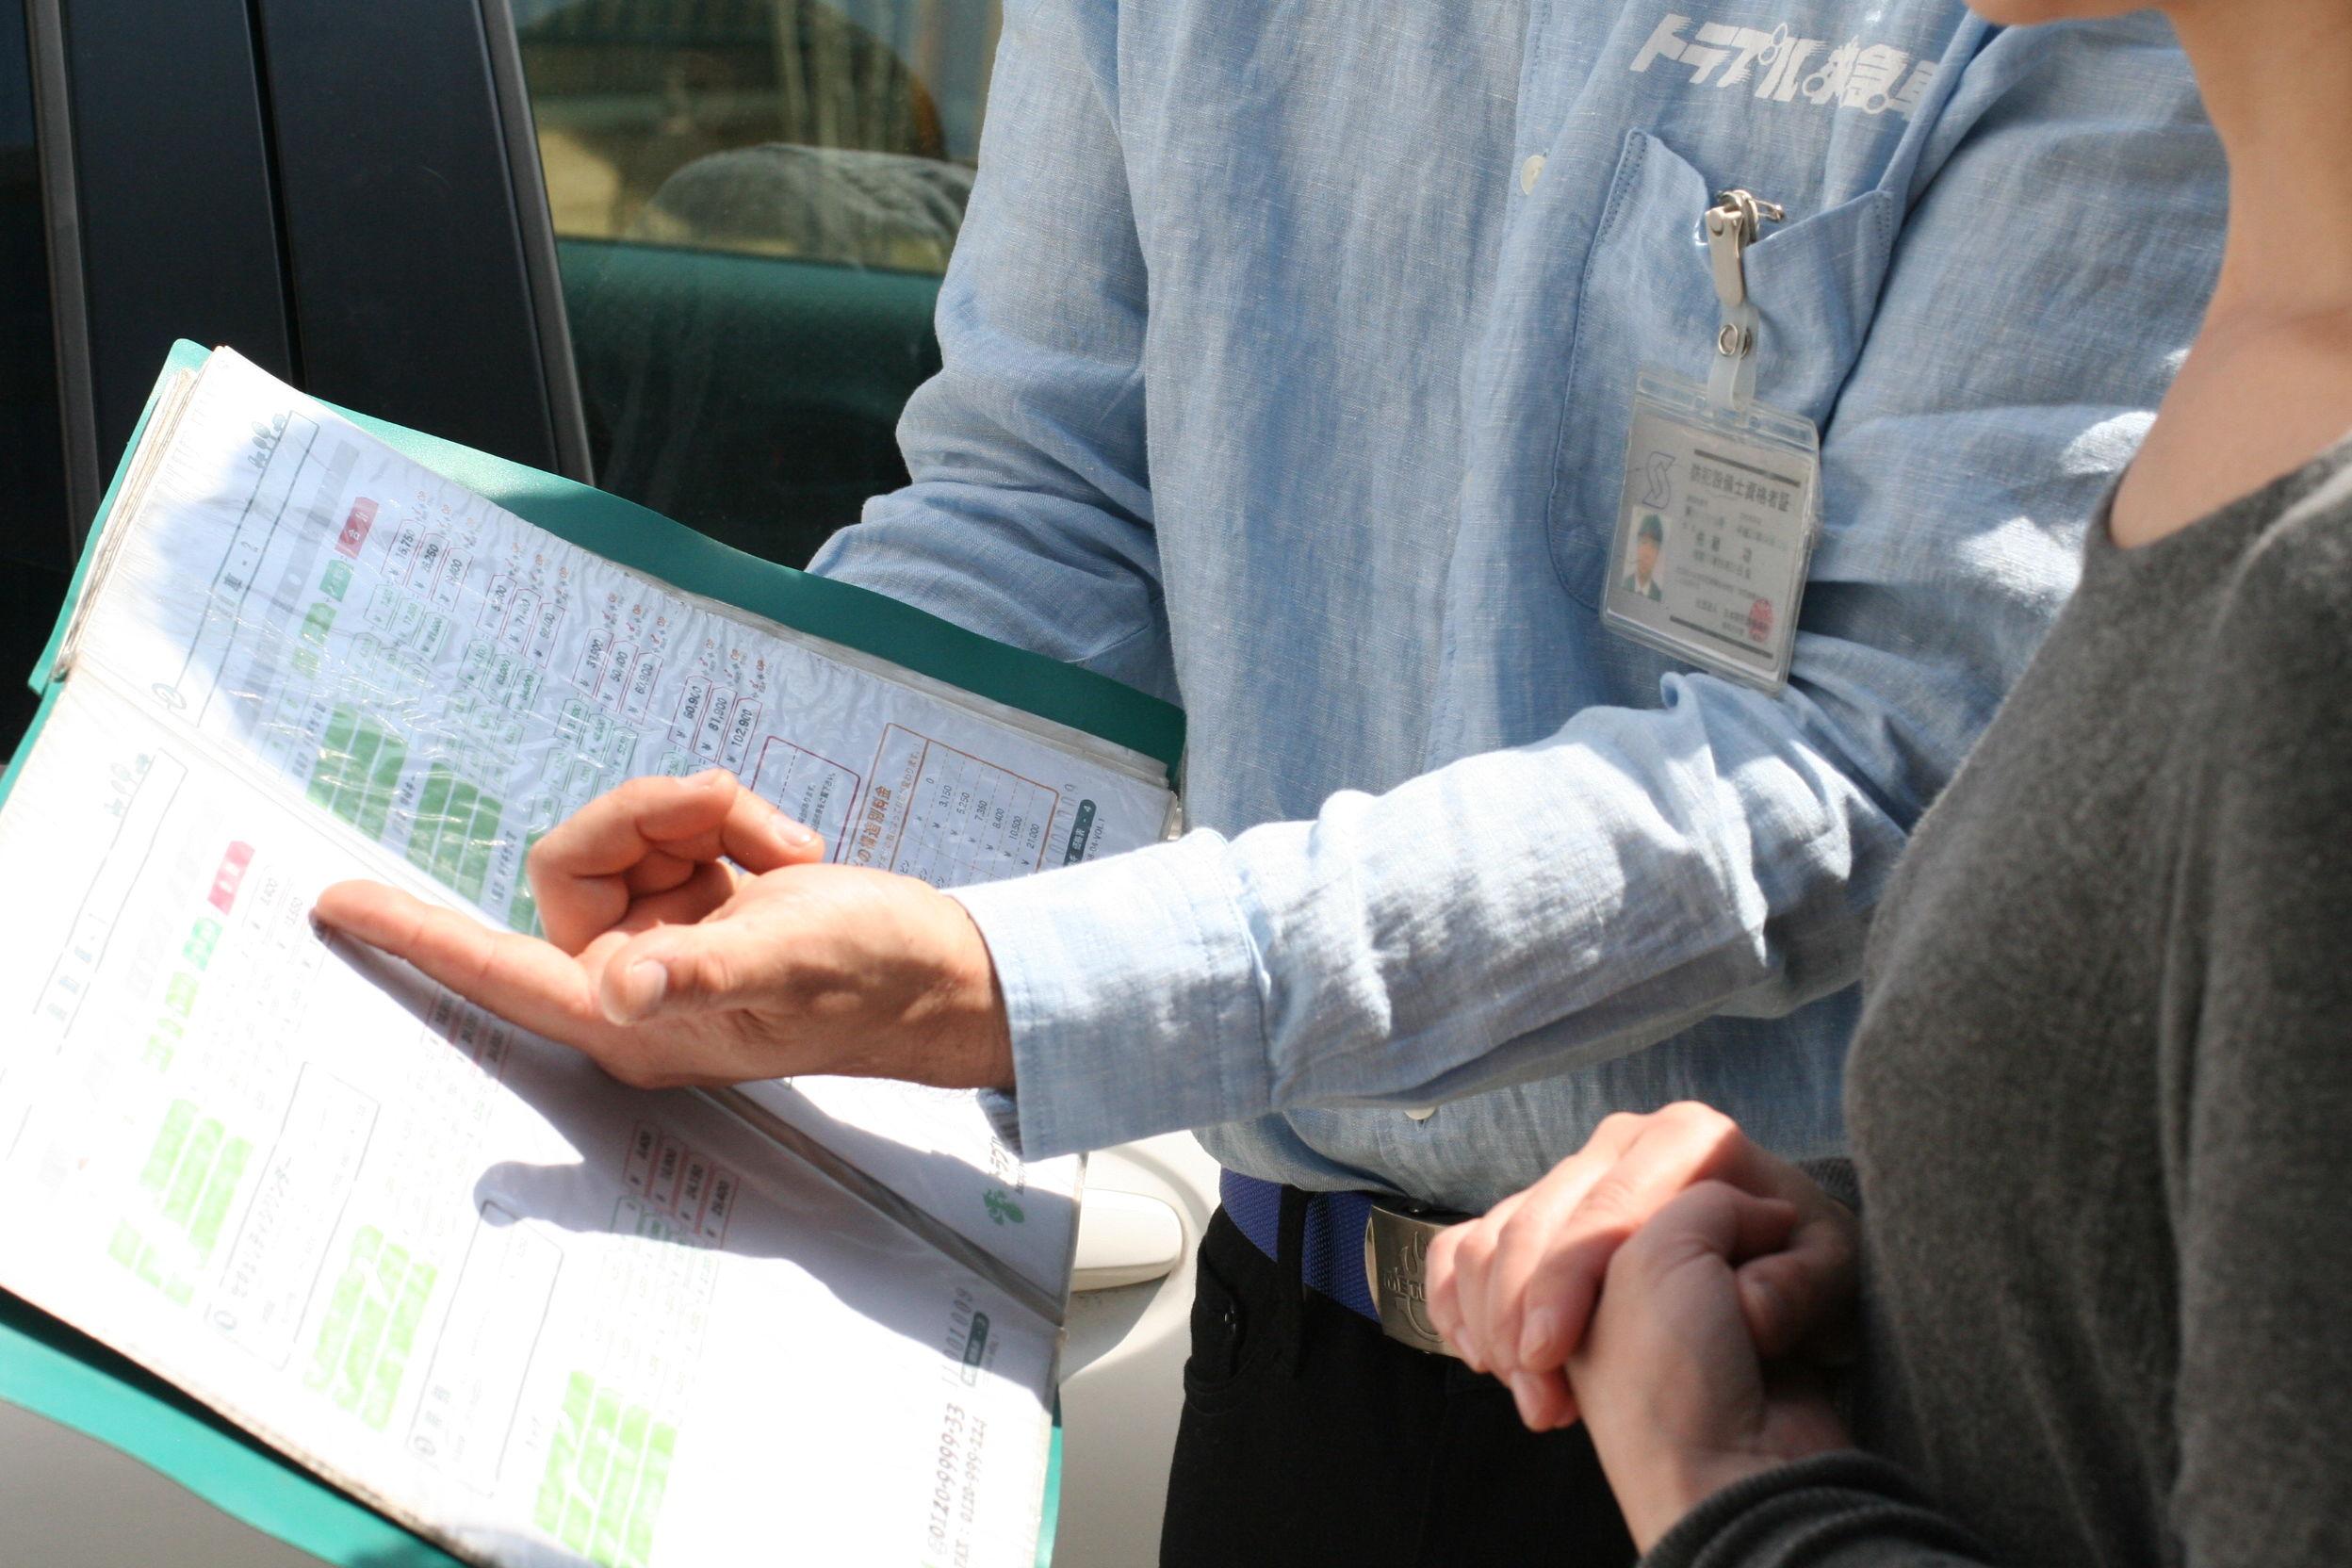 カギのトラブル救急車【名古屋市中村区 出張エリア】のメイン画像